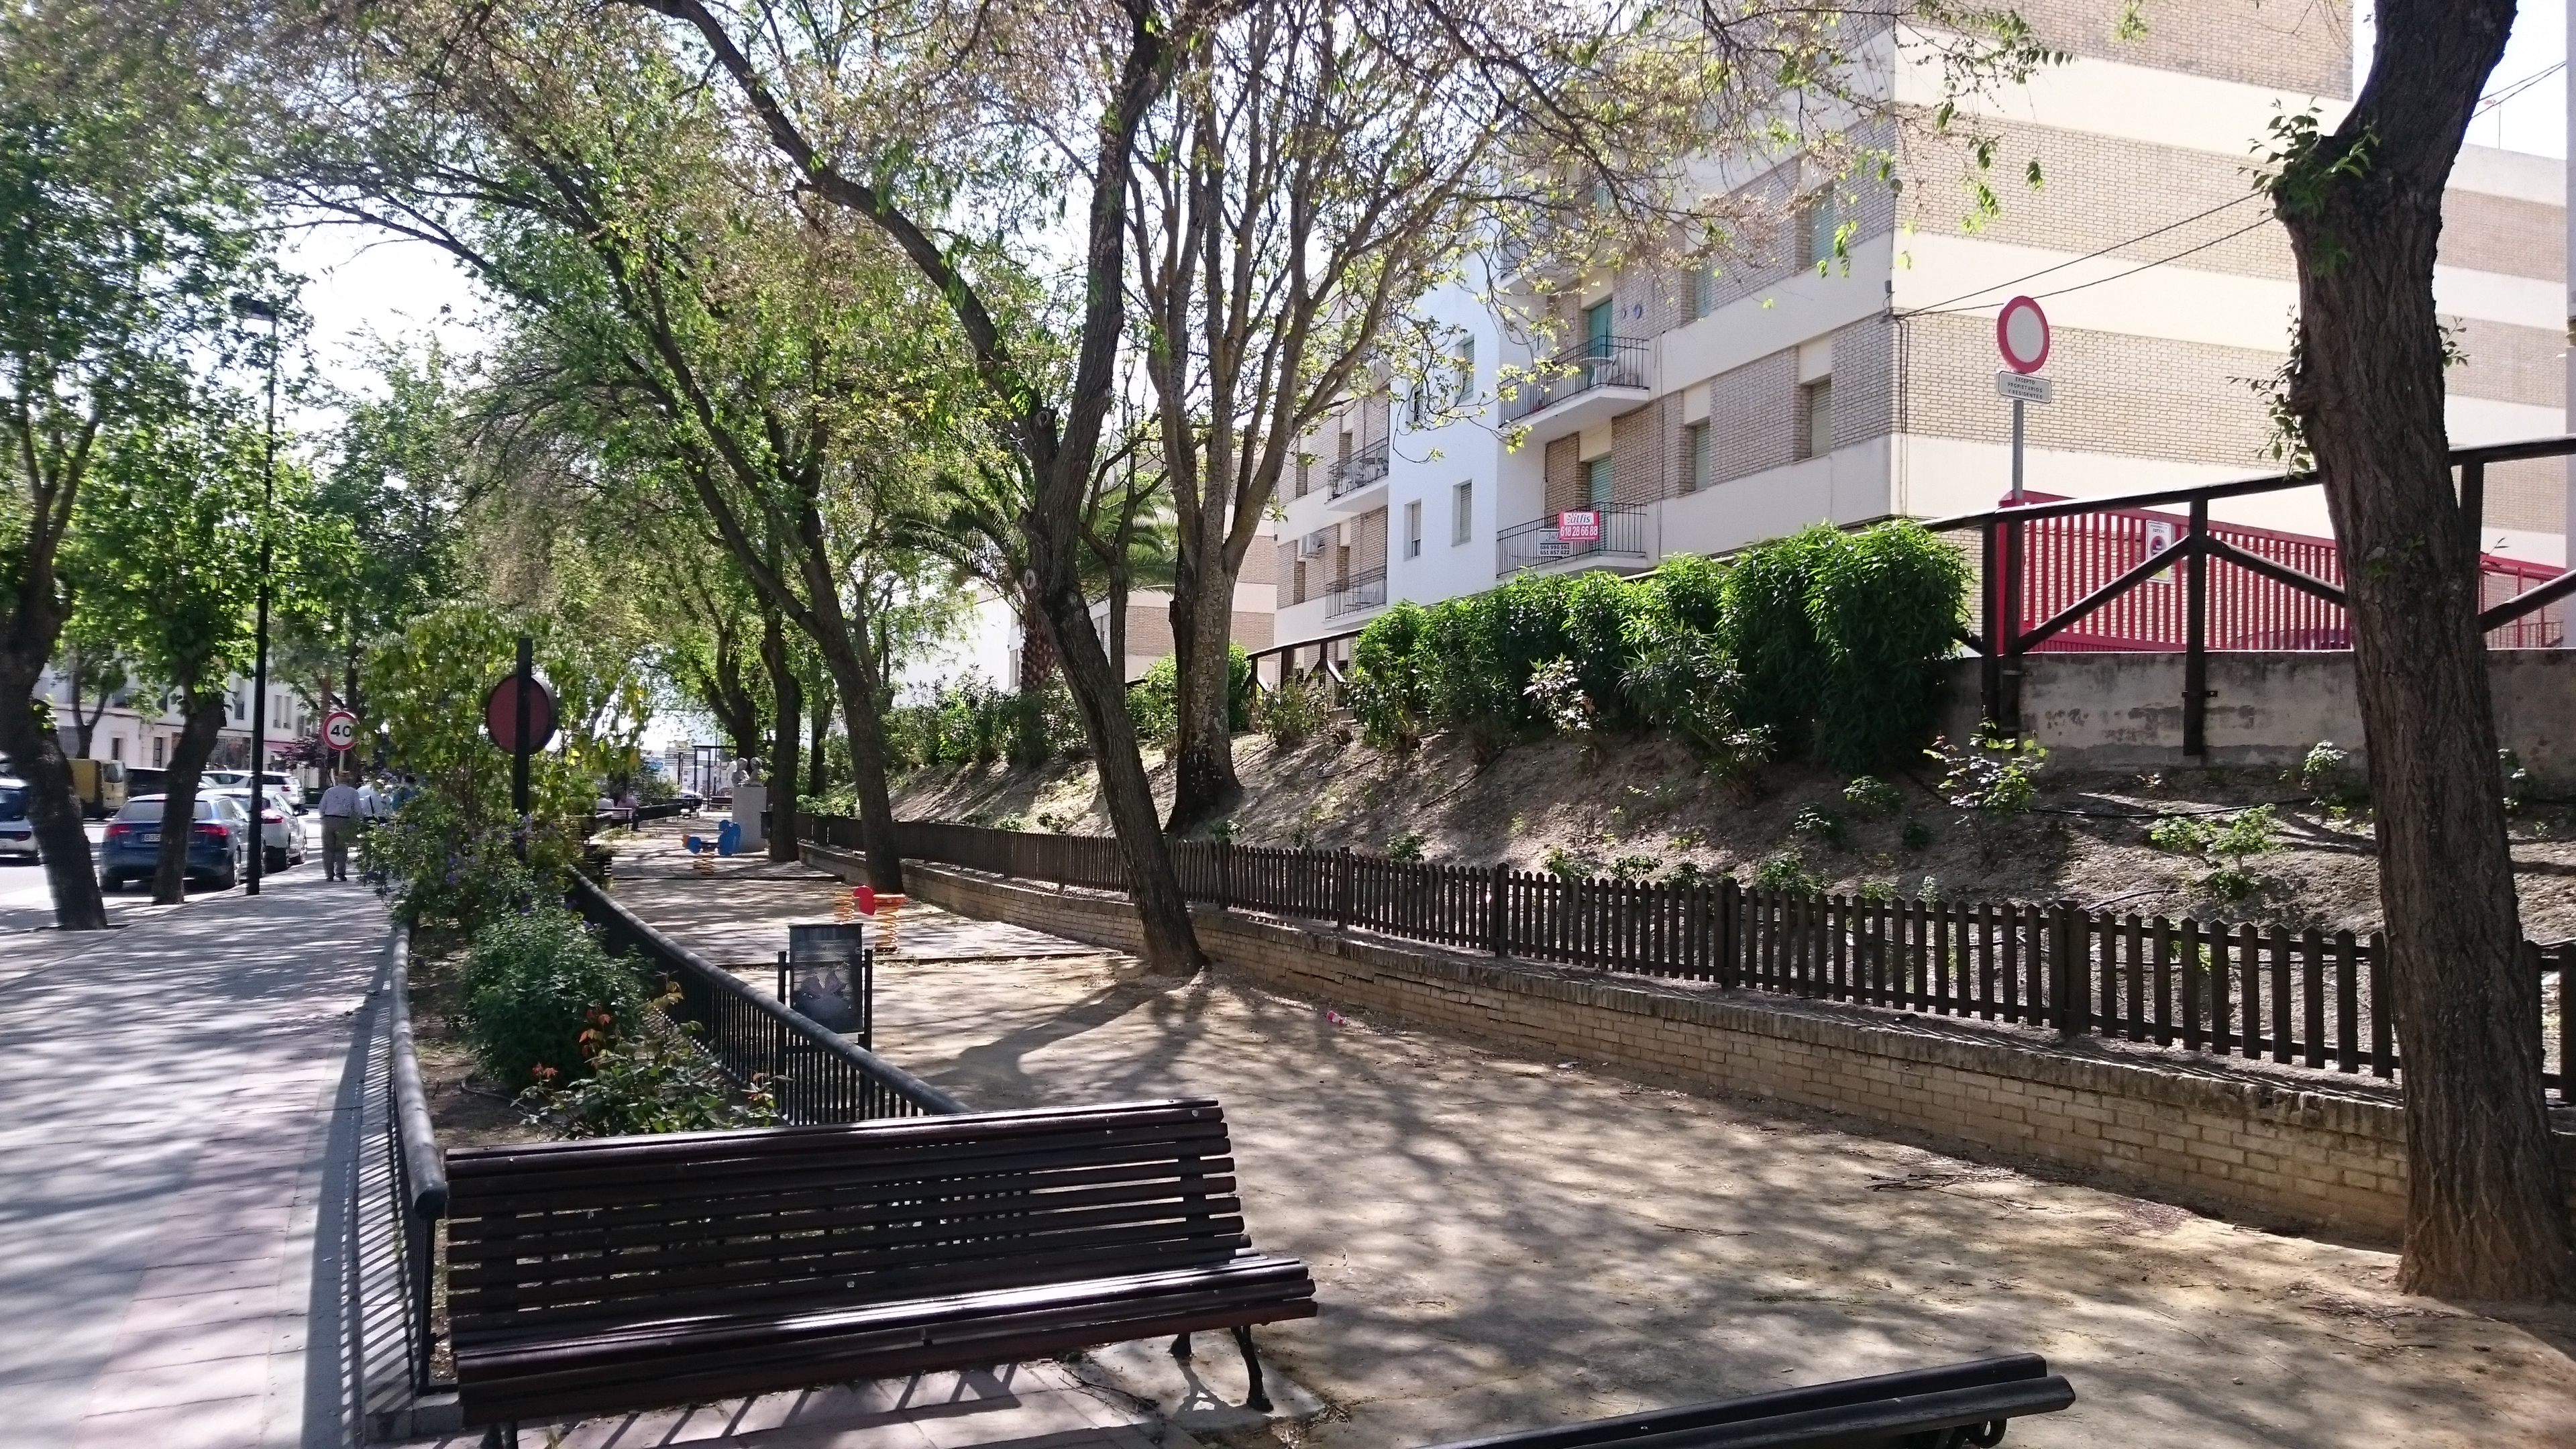 Parque urbano en Estepa